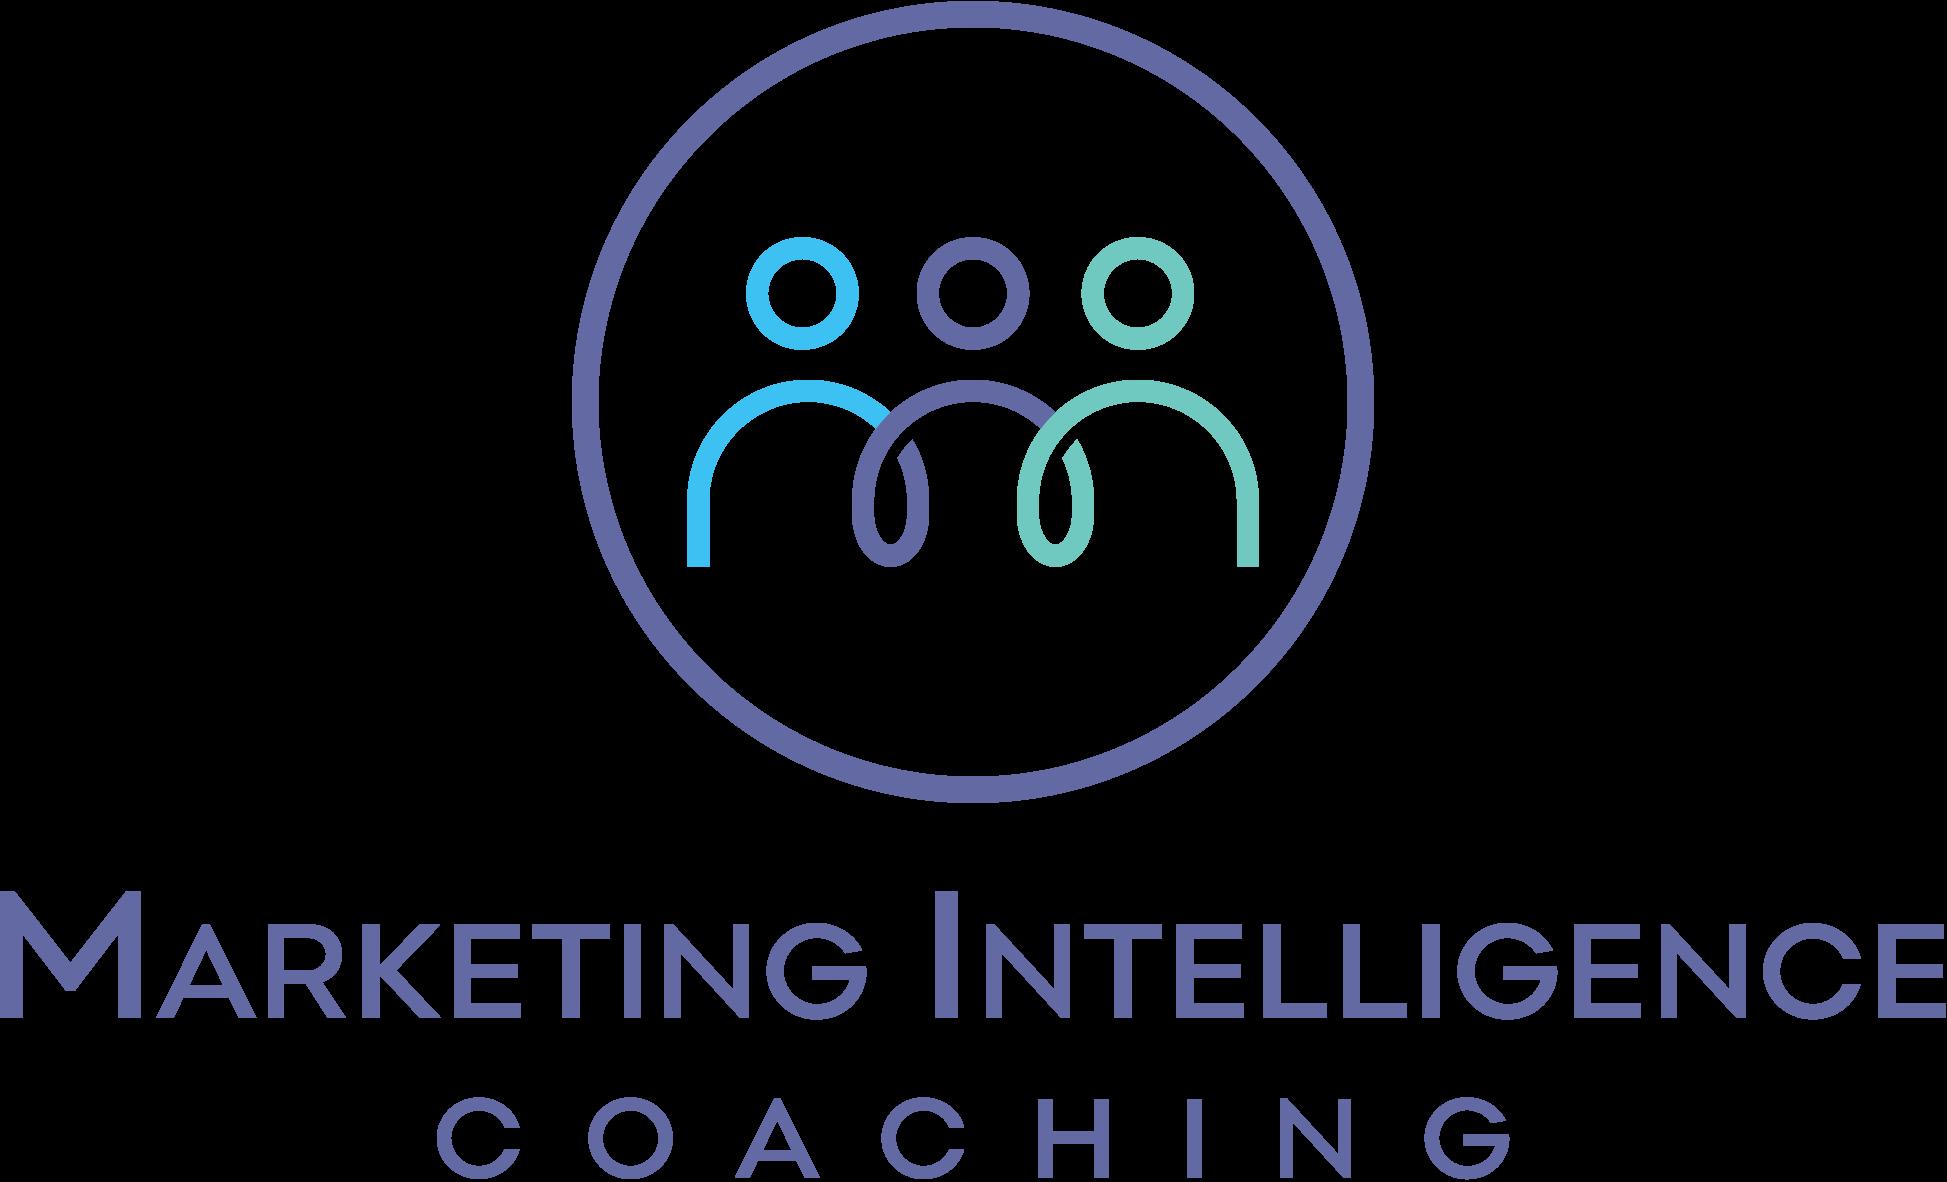 MI Match coaching marktonderzoek